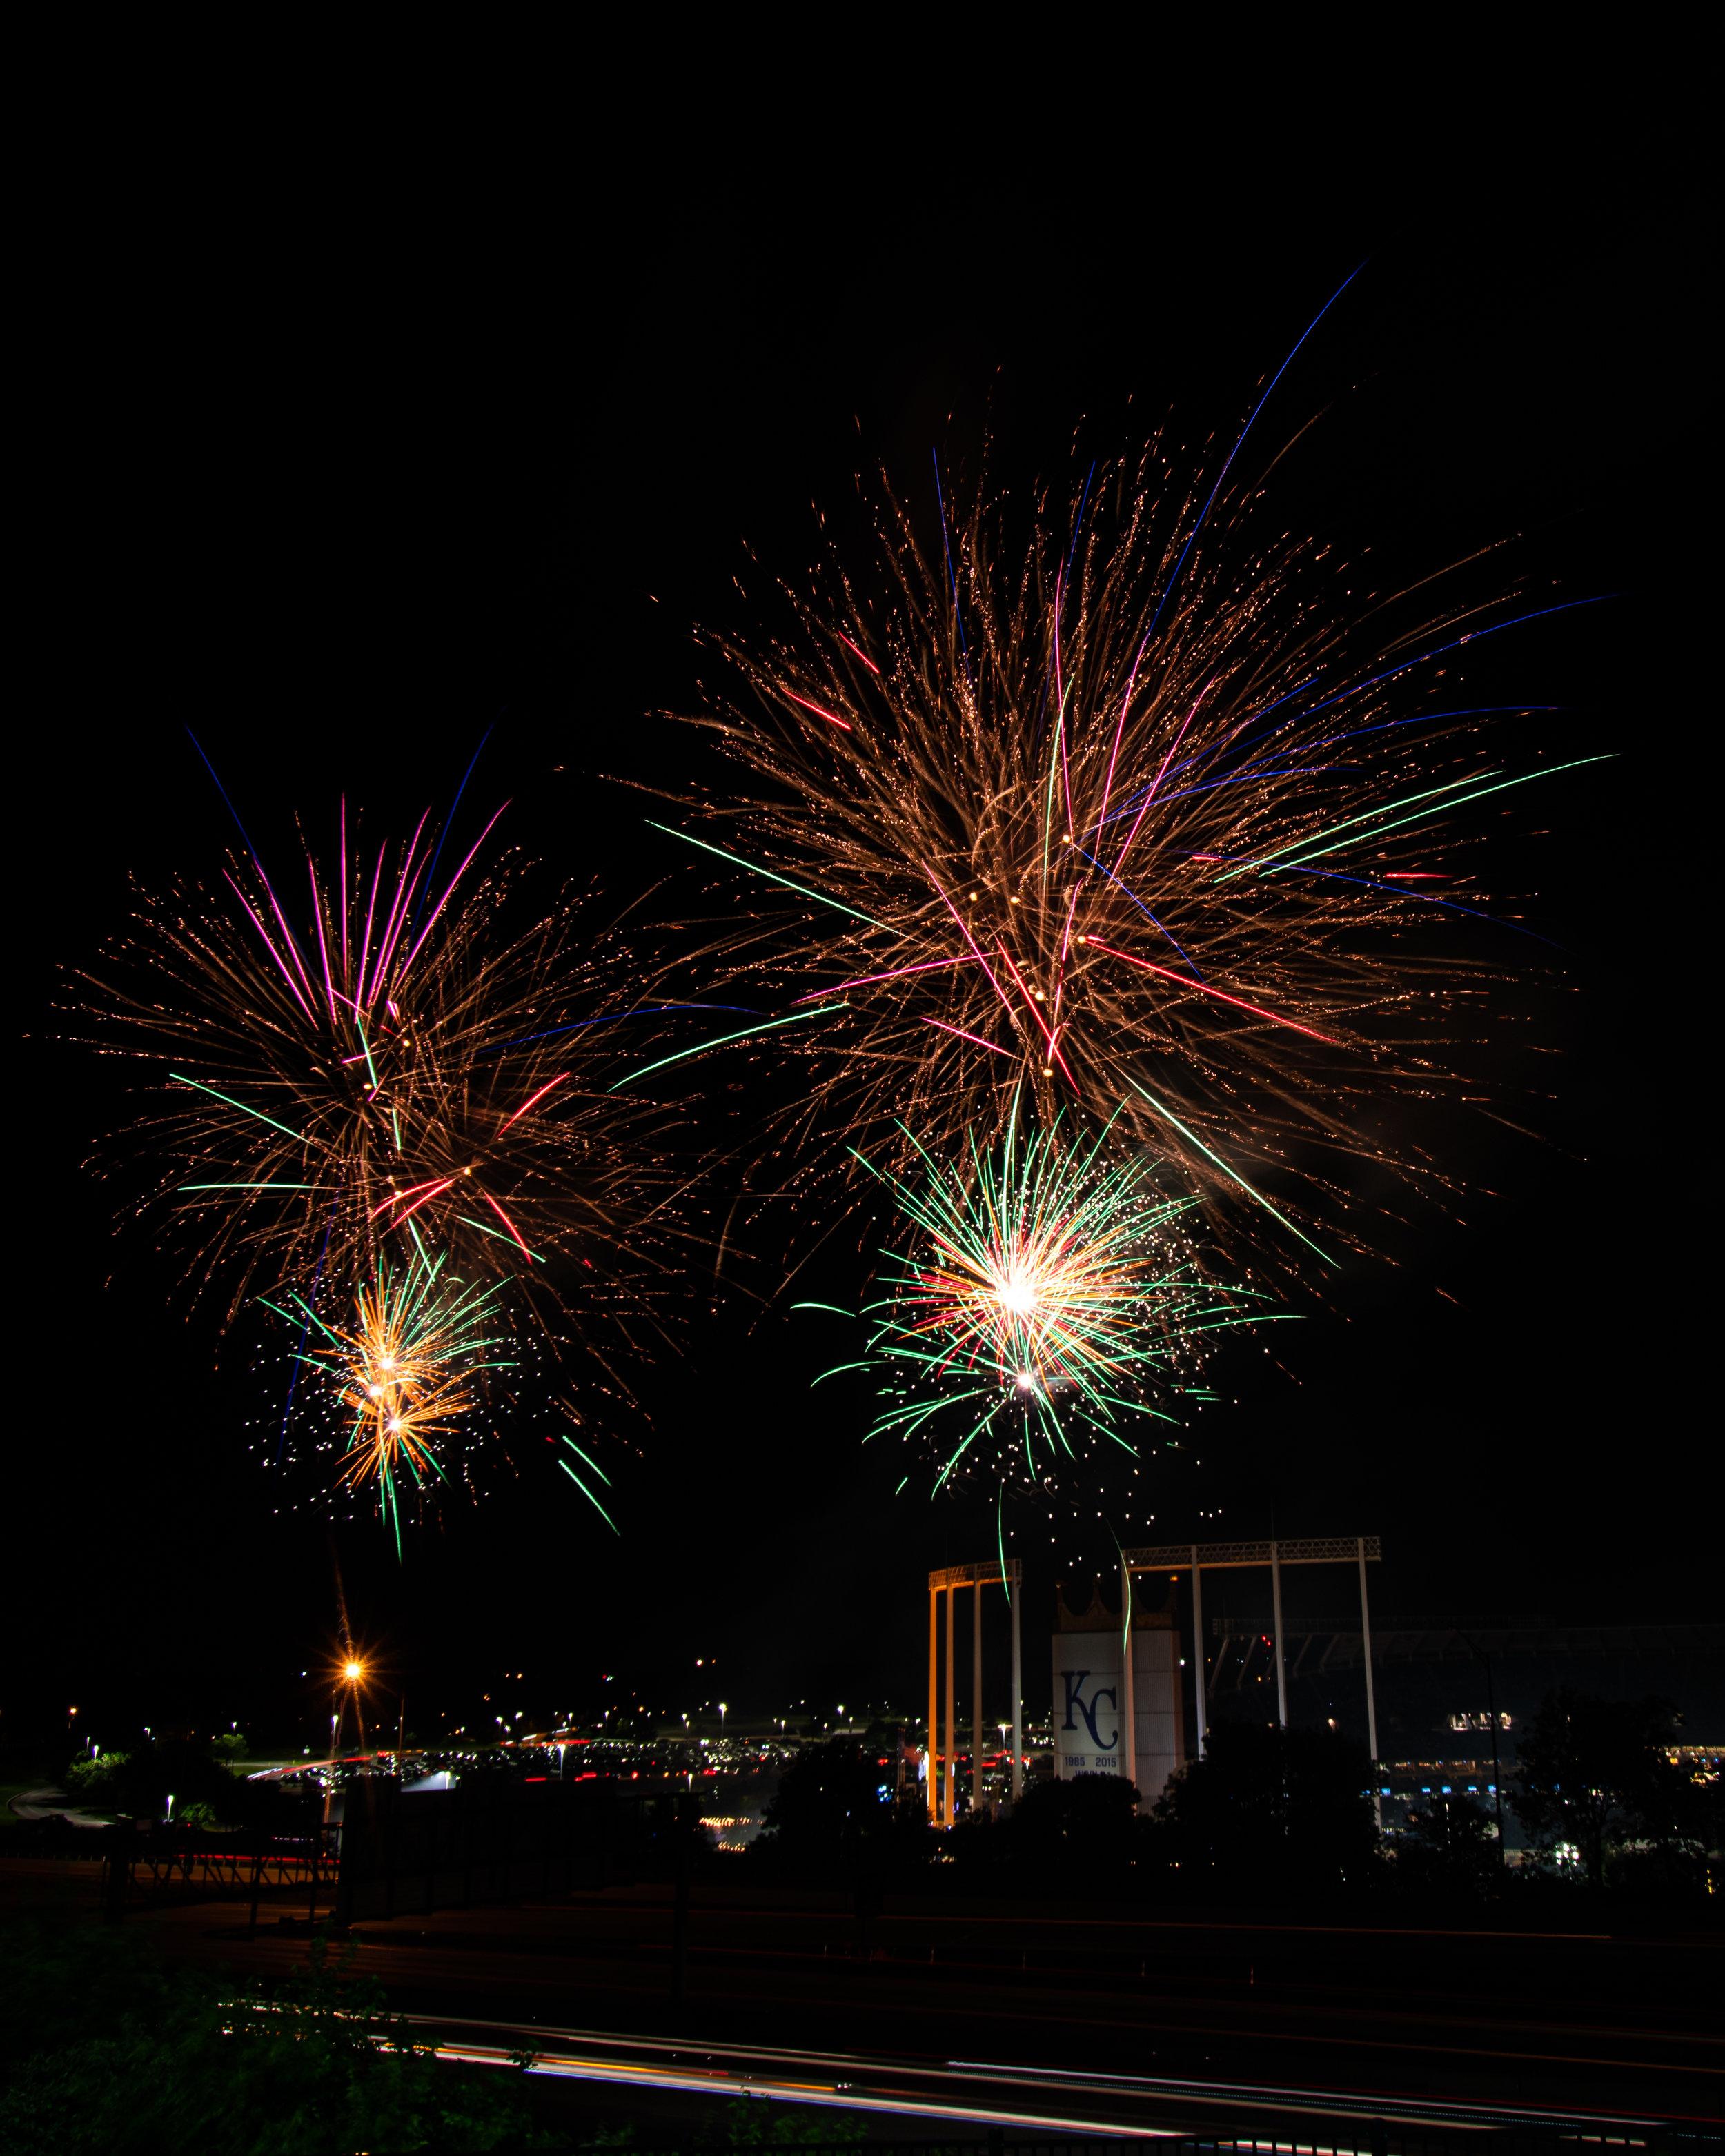 firework-friday-47-of-51_48108385907_o.jpg